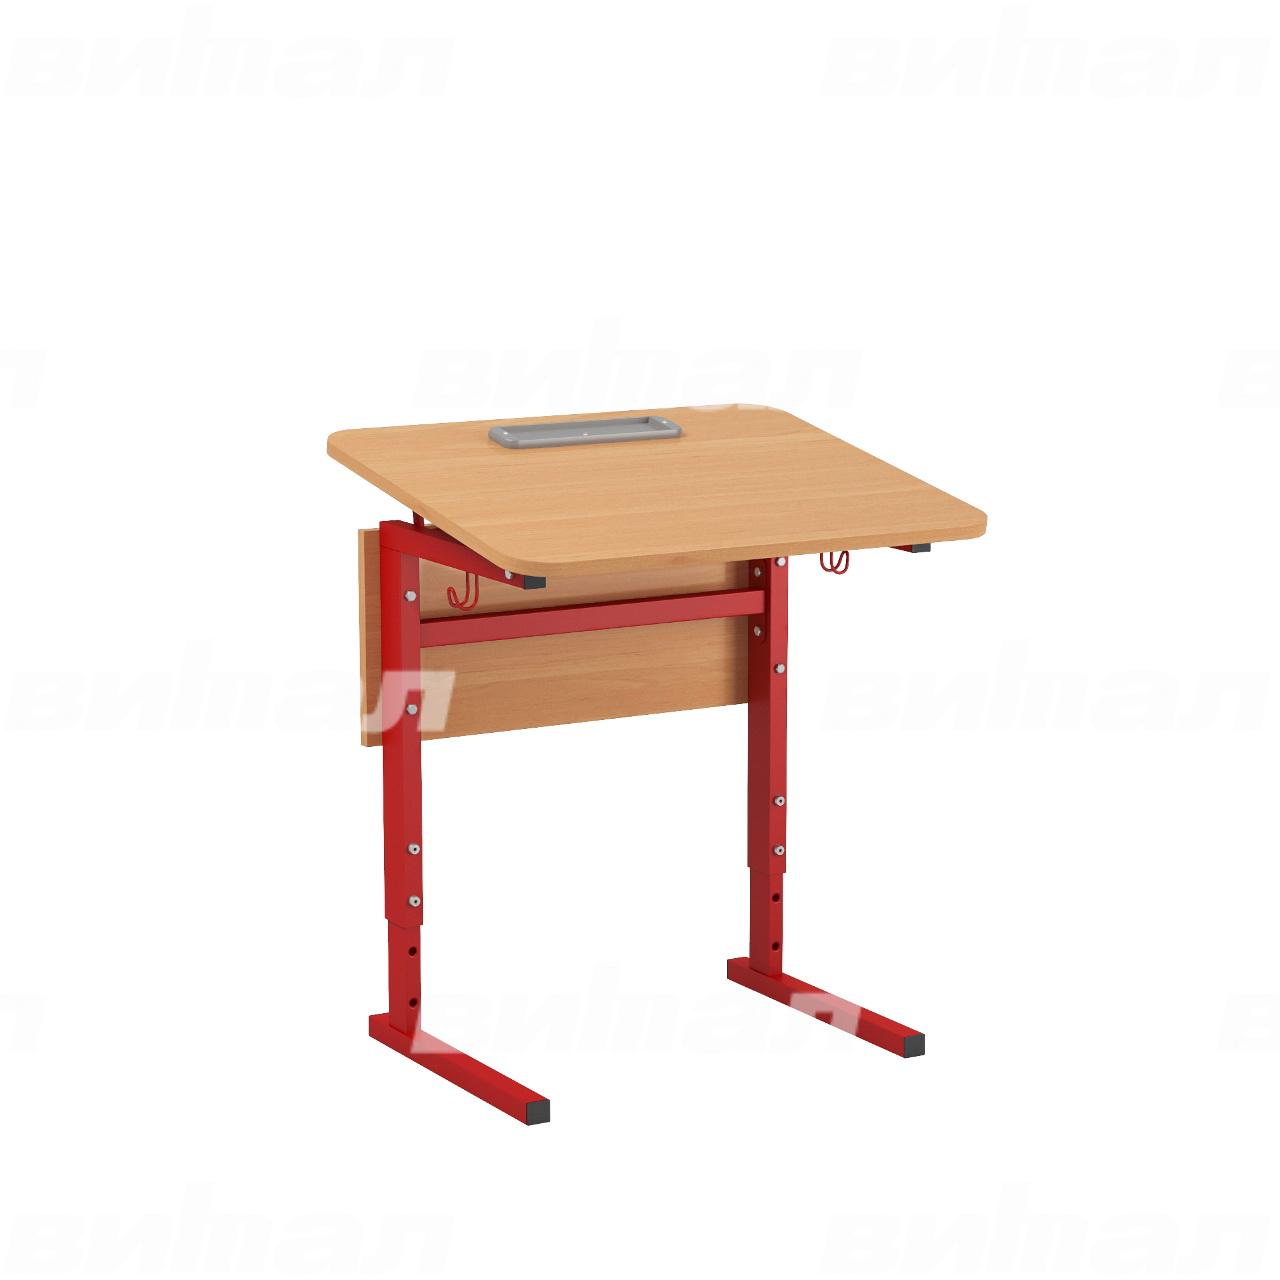 Стол 1-местный регулир. высота и наклон столешницы 0-10° (гр 2-4, 3-5 или 4-6) красный Ольха 4-6 Меламин прямоугольная